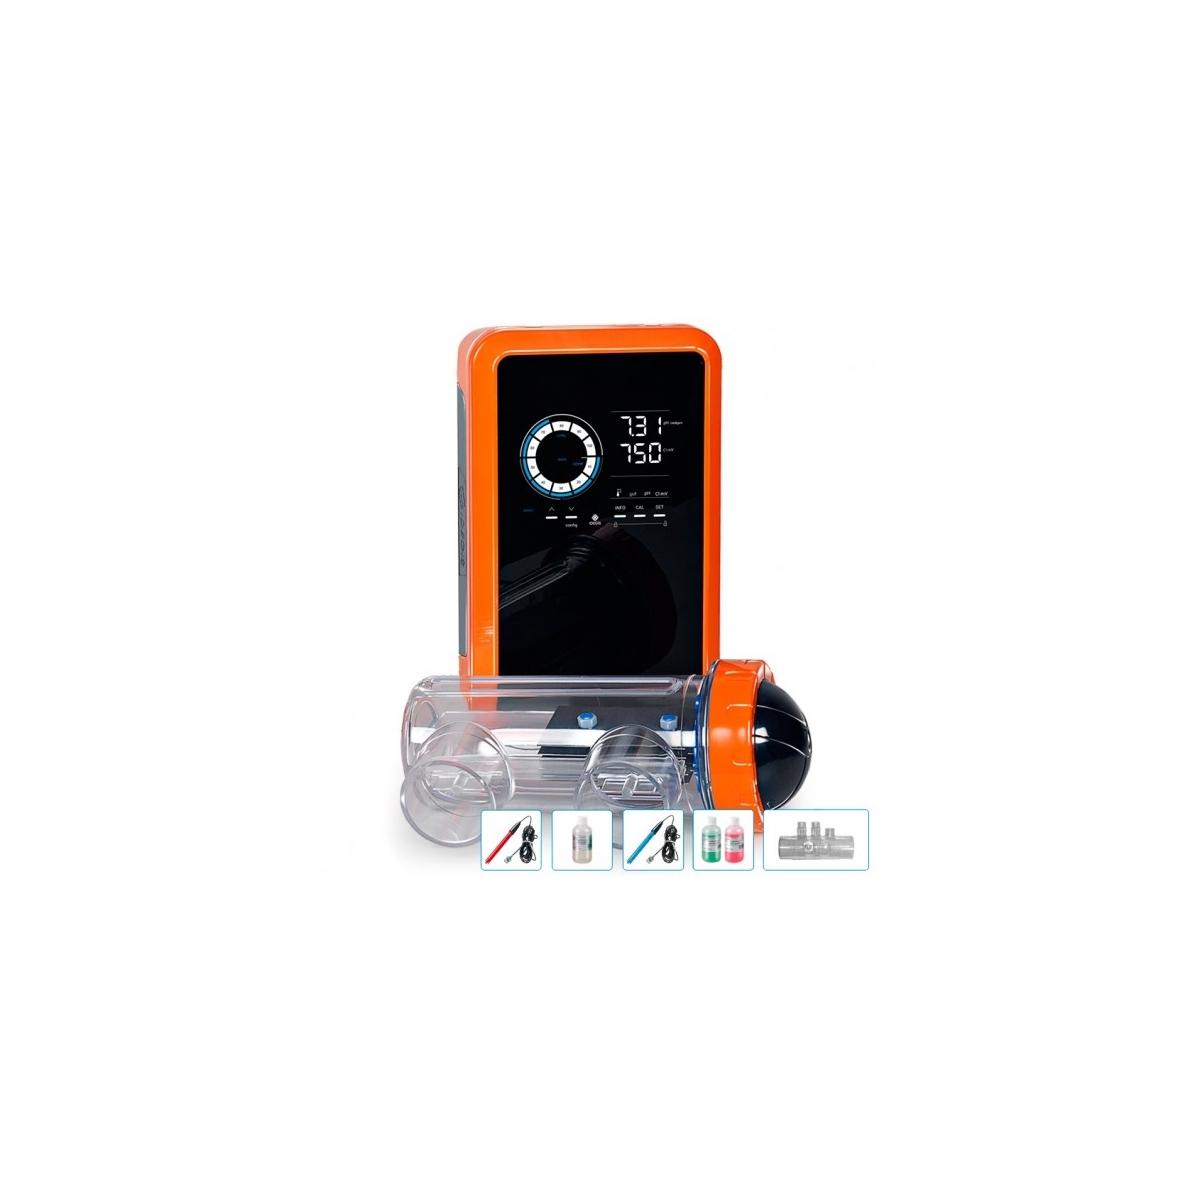 Clorador salino Idegis Tecno Series 2 + PH/ORP